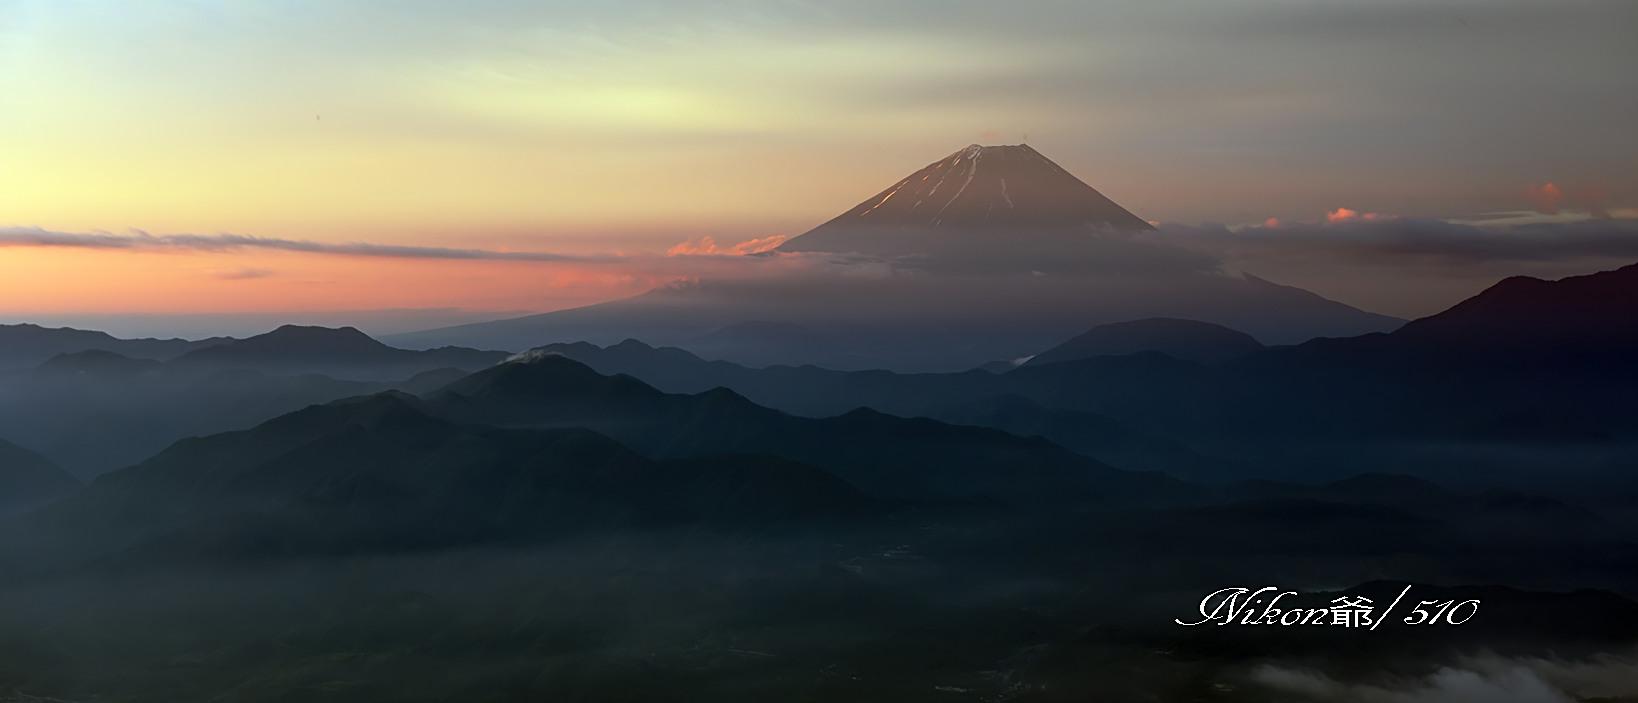 ある峠からの朝景Ⅱs_filtered